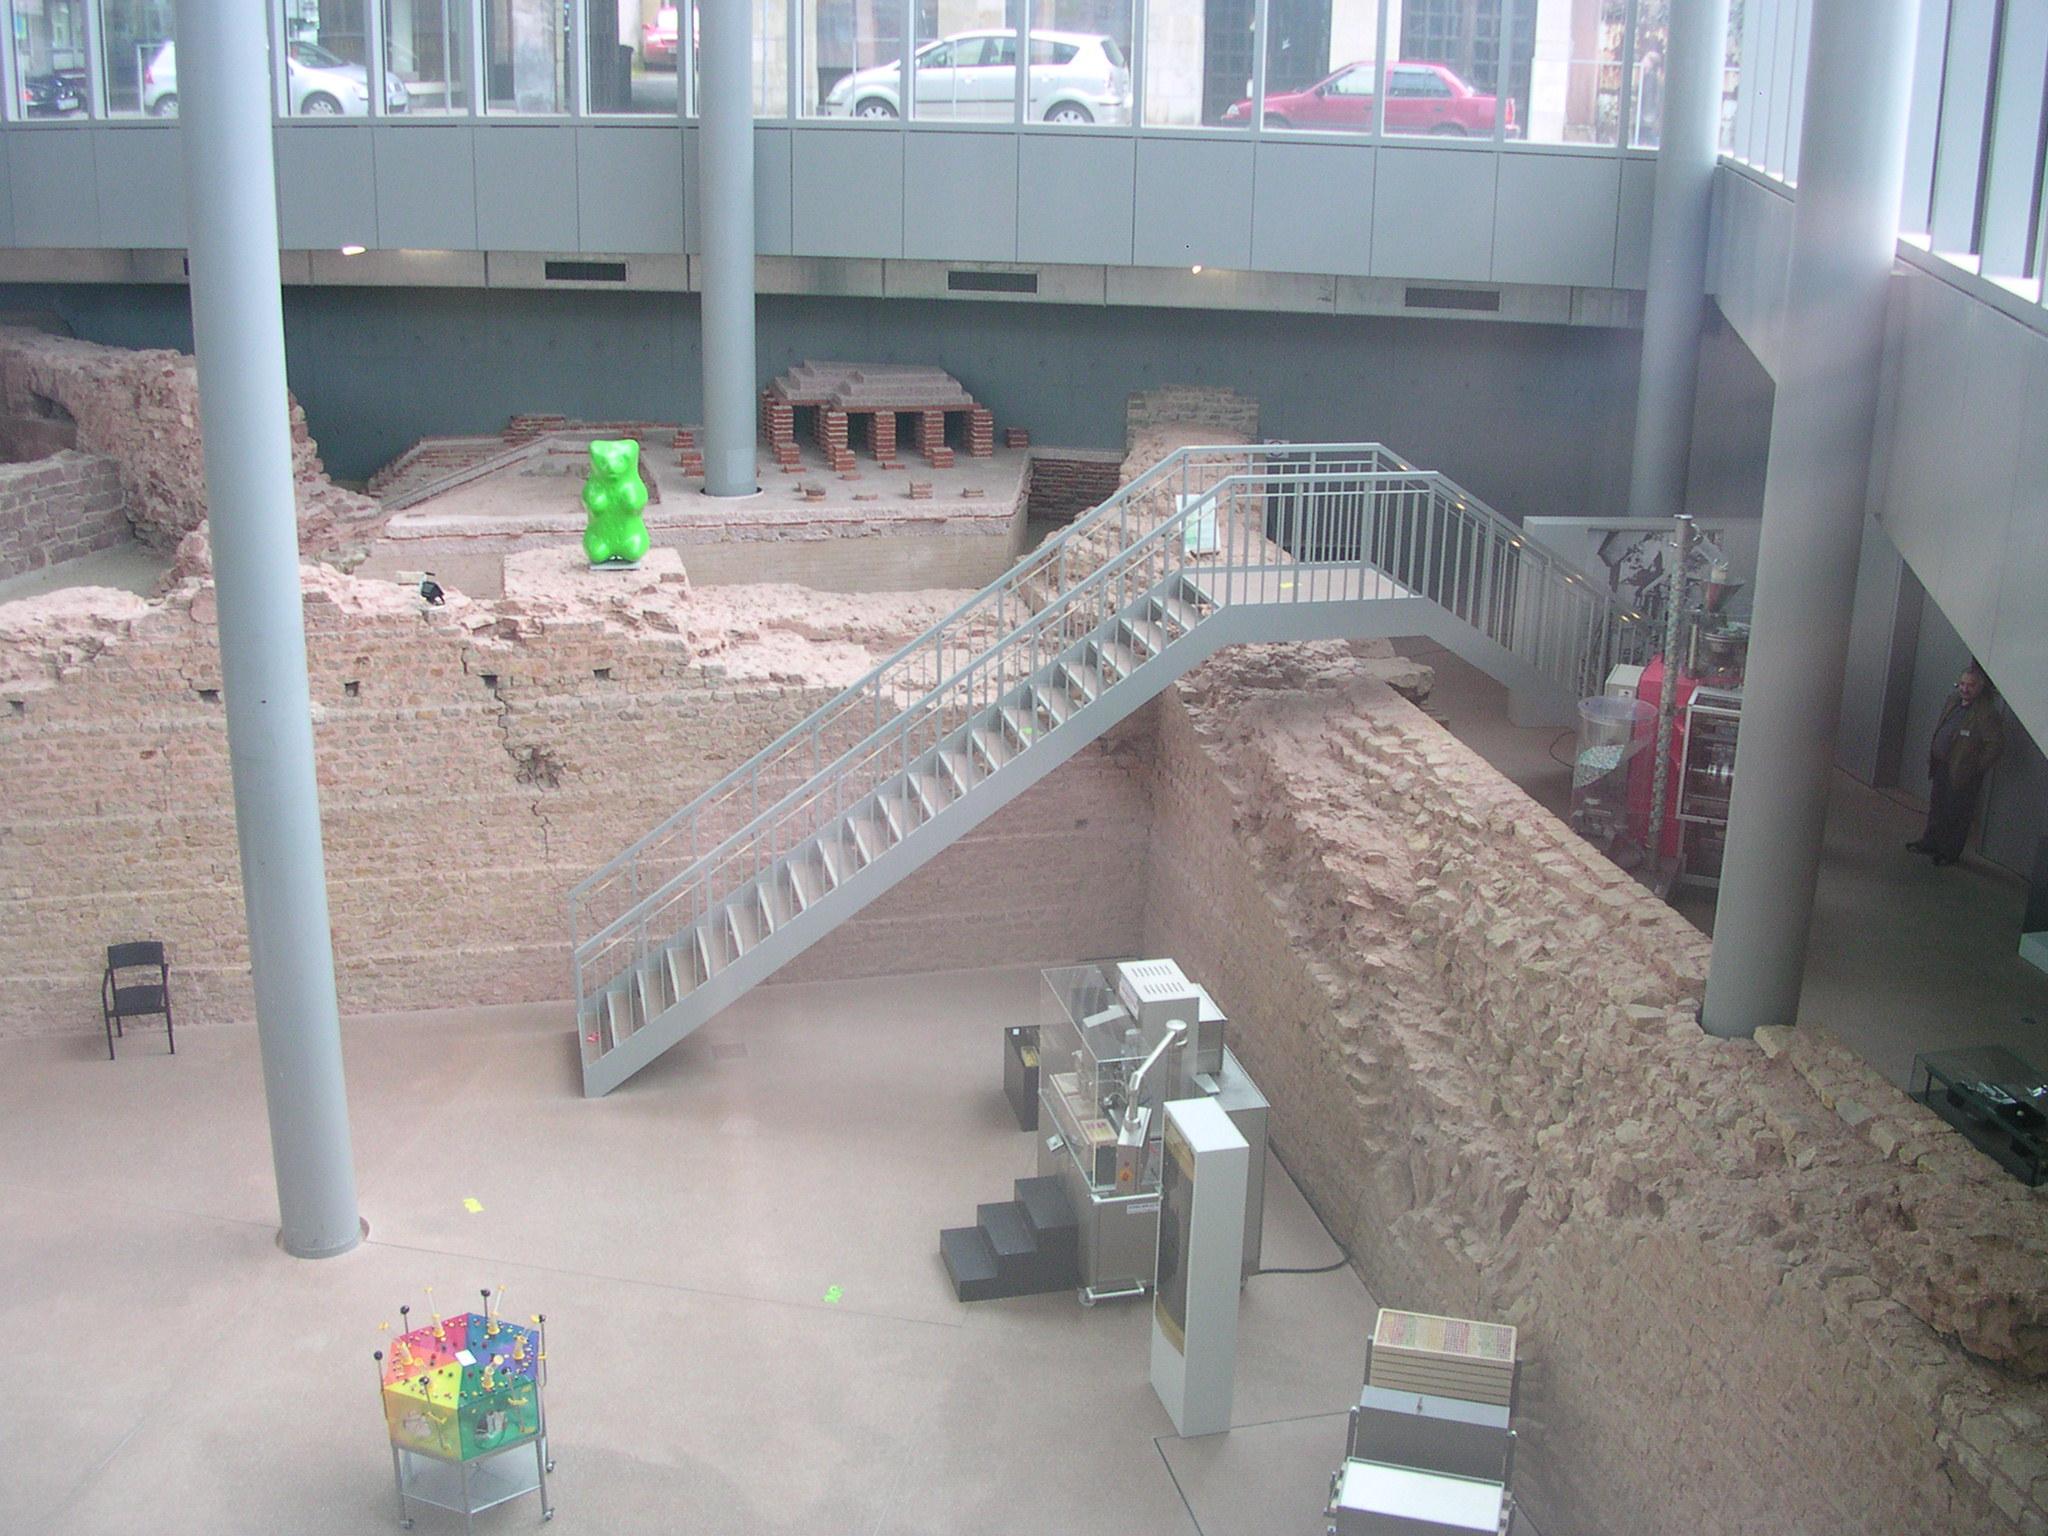 Fußboden Trier ~ Datei trier viehmarkttermen rechts g u wikipedia